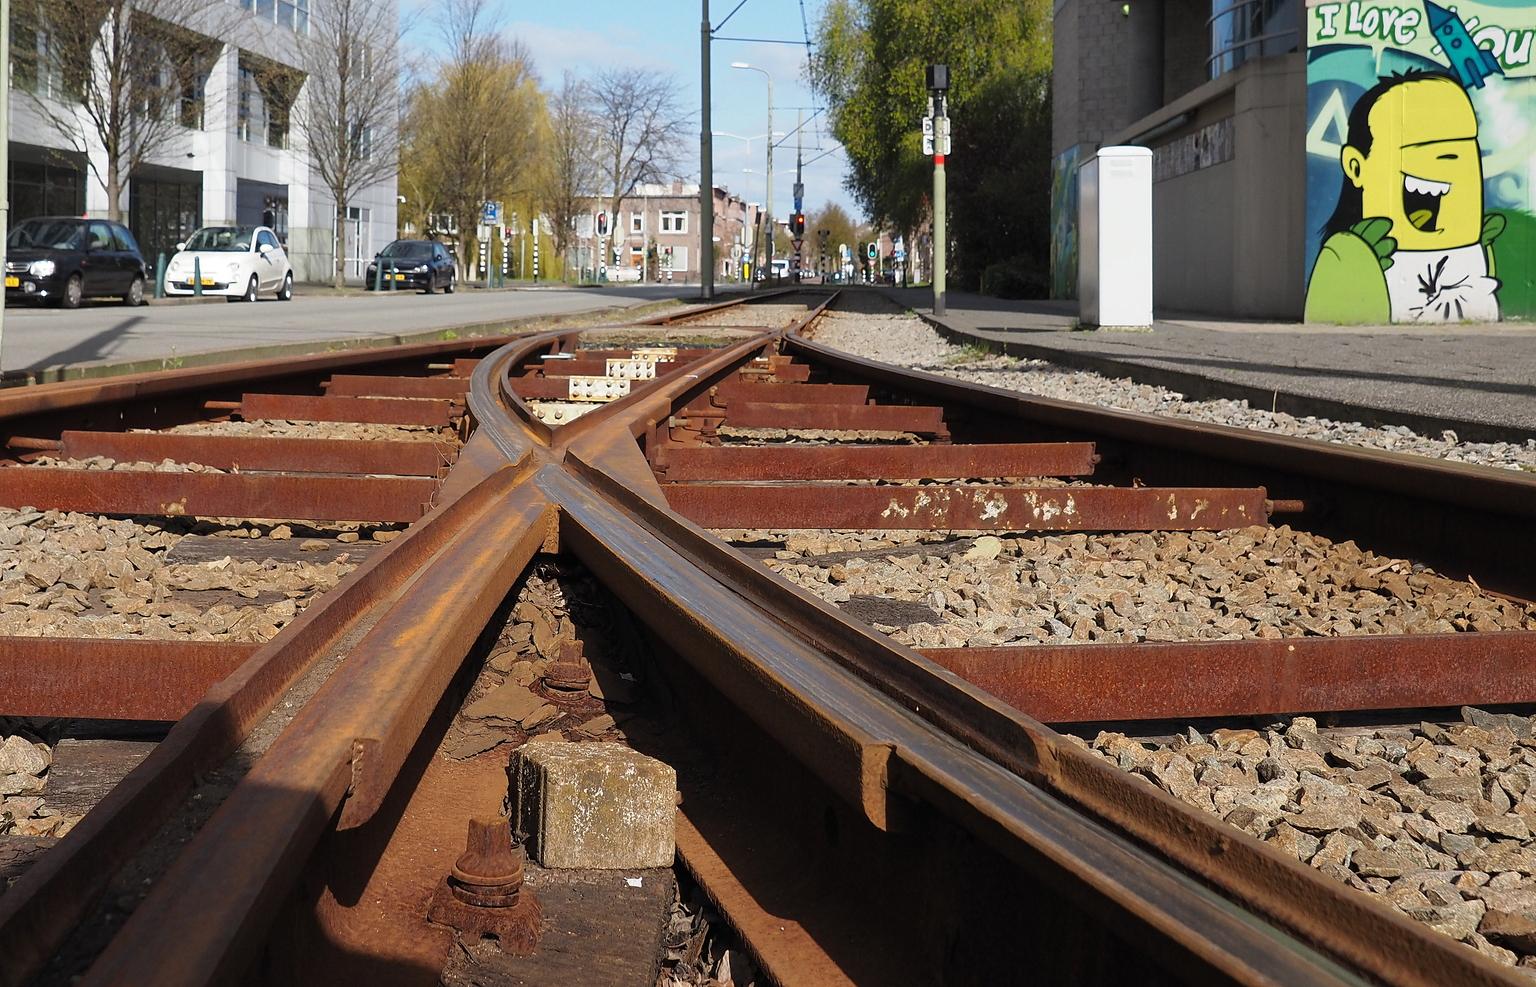 Het Spoor - Rondje DenHaag - foto door pietsnoeier op 14-04-2021 - locatie: Den Haag, Nederland - deze foto bevat: landvoertuig, voertuig, infrastructuur, hout, track, wiel, spoorweg, vervoermiddel, rollend materieel, boom